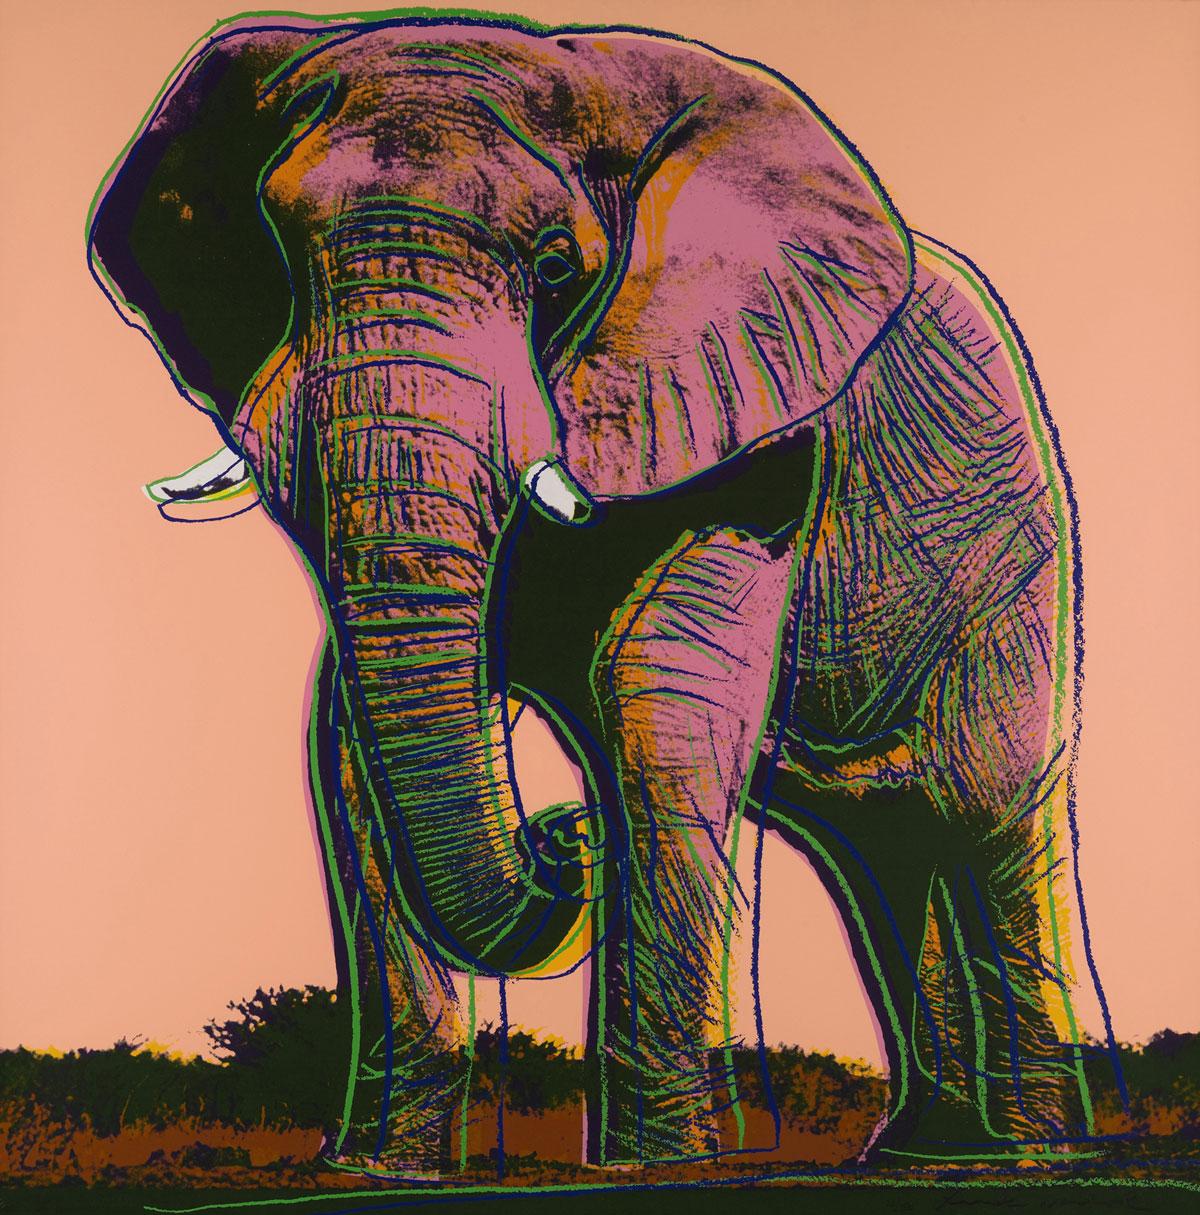 African Elephant (fs Ii.293) by Andy Warhol